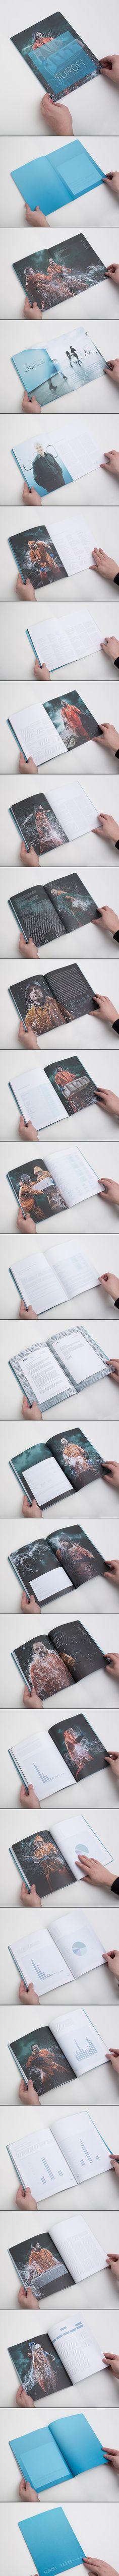 Surofi - Annual Report/Conceptual Branding